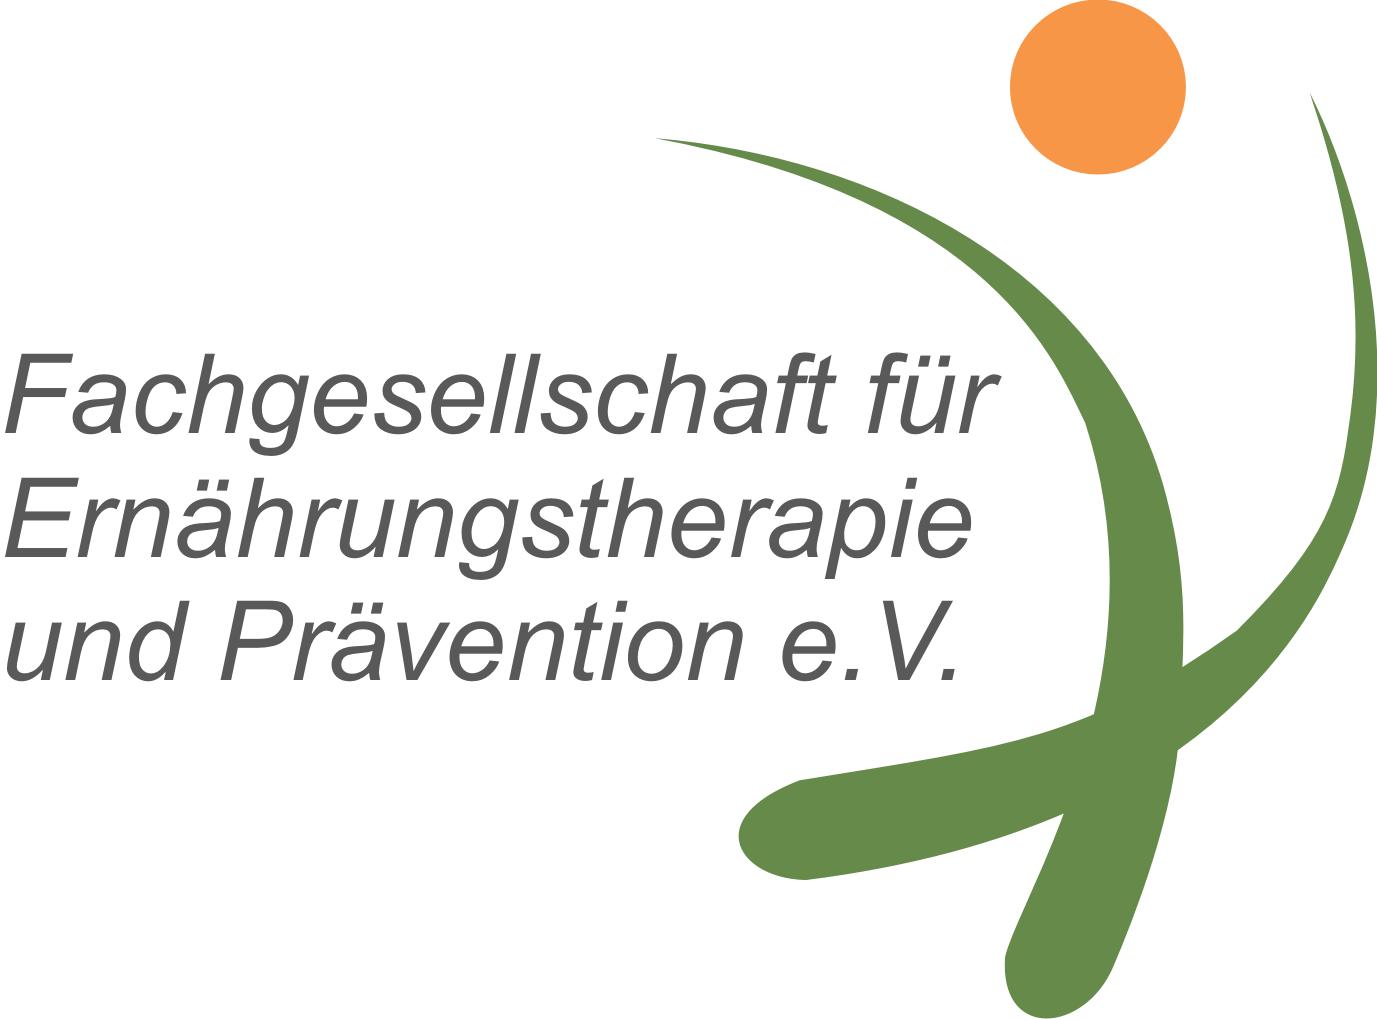 Fachgesellschaft für Ernährungstherapie und Prävention e.V. (Logo)